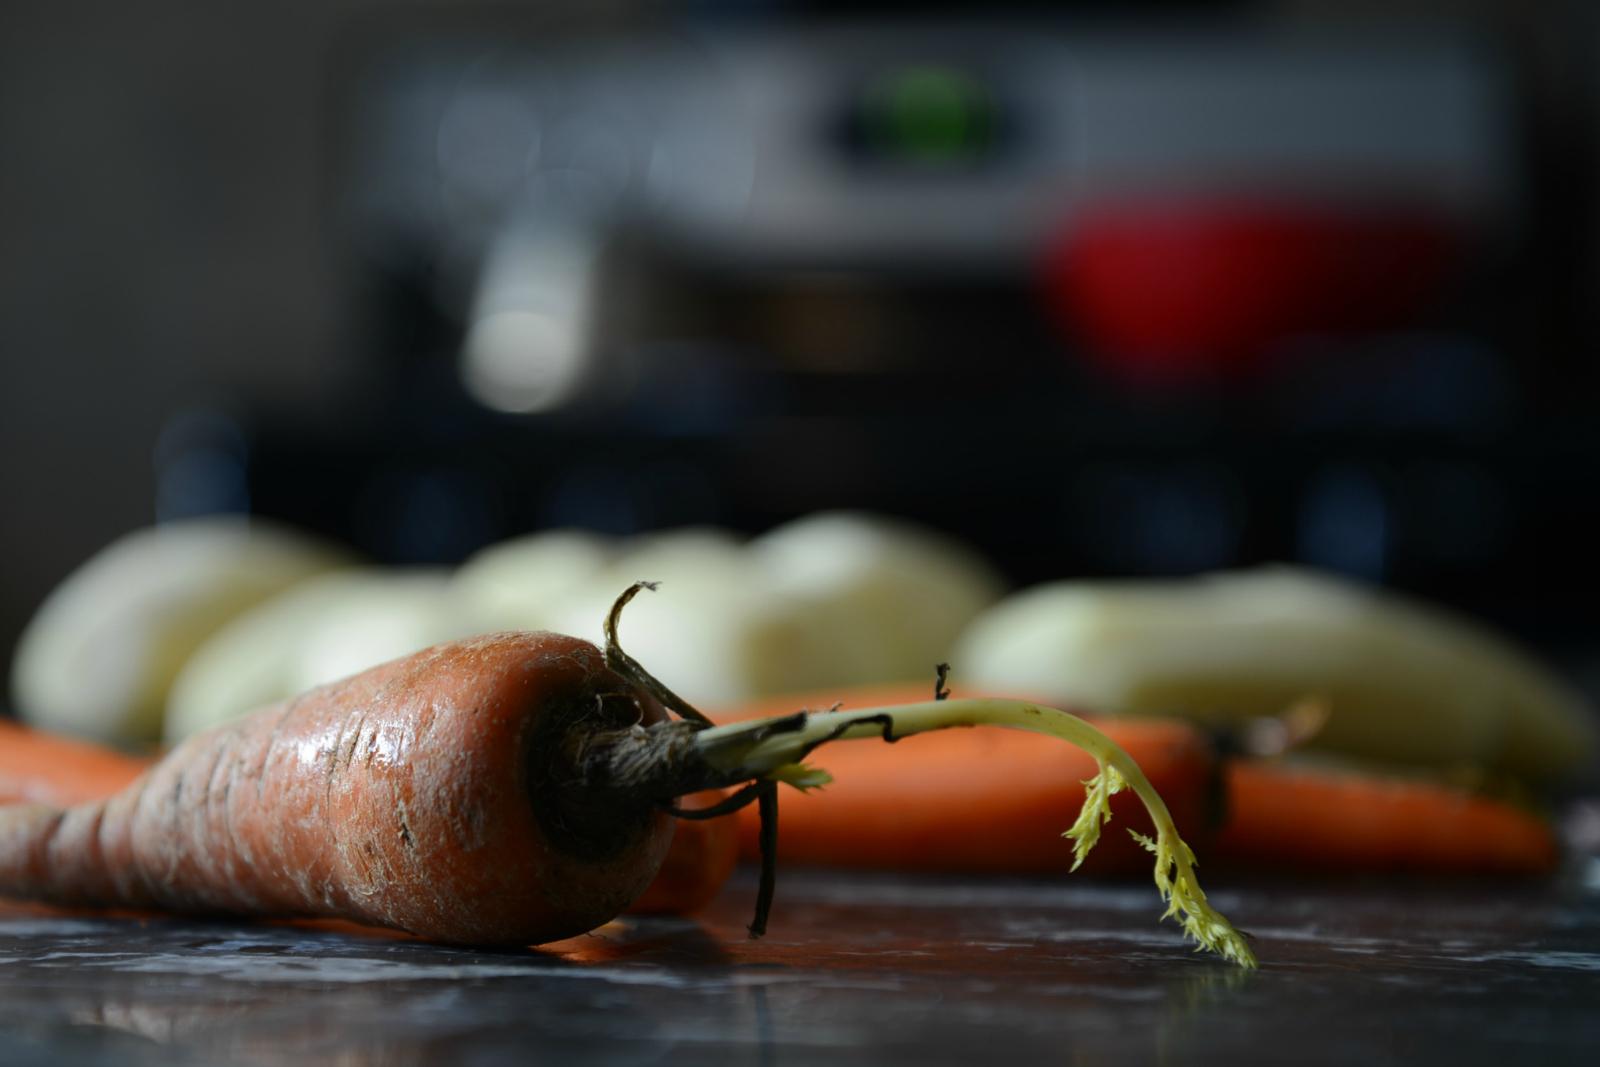 Making Sunday Dinner, Peeling Carrots